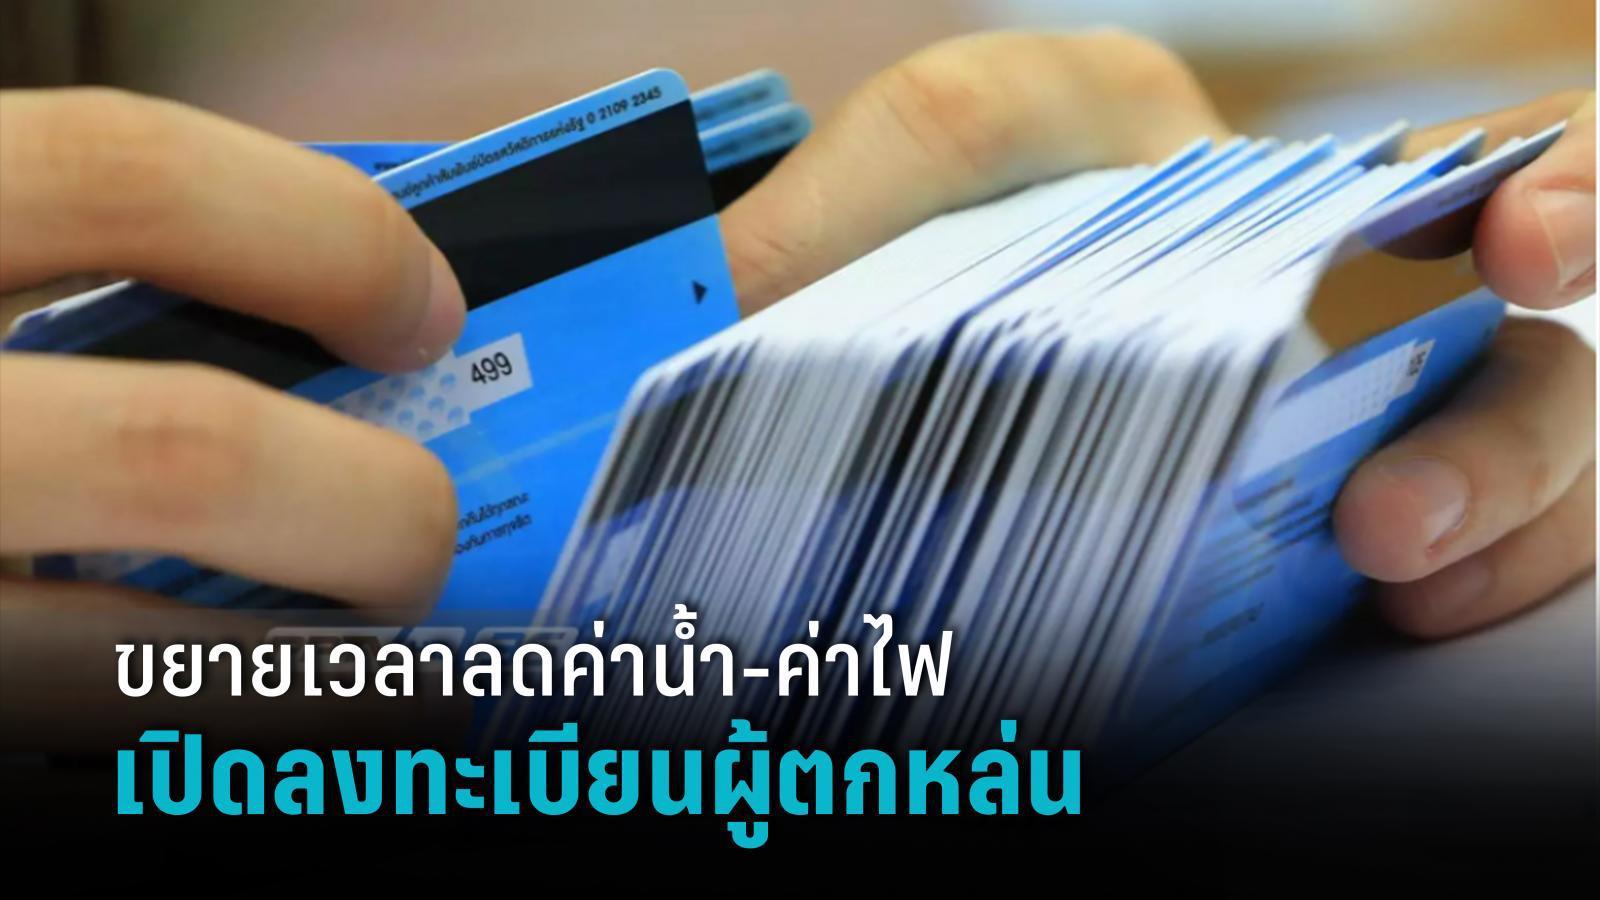 ครม.ทุ่มงบ 27,566 ล้าน ช่วยคนถือบัตรคนจน ขยายเวลาลดค่าน้ำ ค่าไฟ-เปิดลงทะเบียนกลุ่มตกหล่น